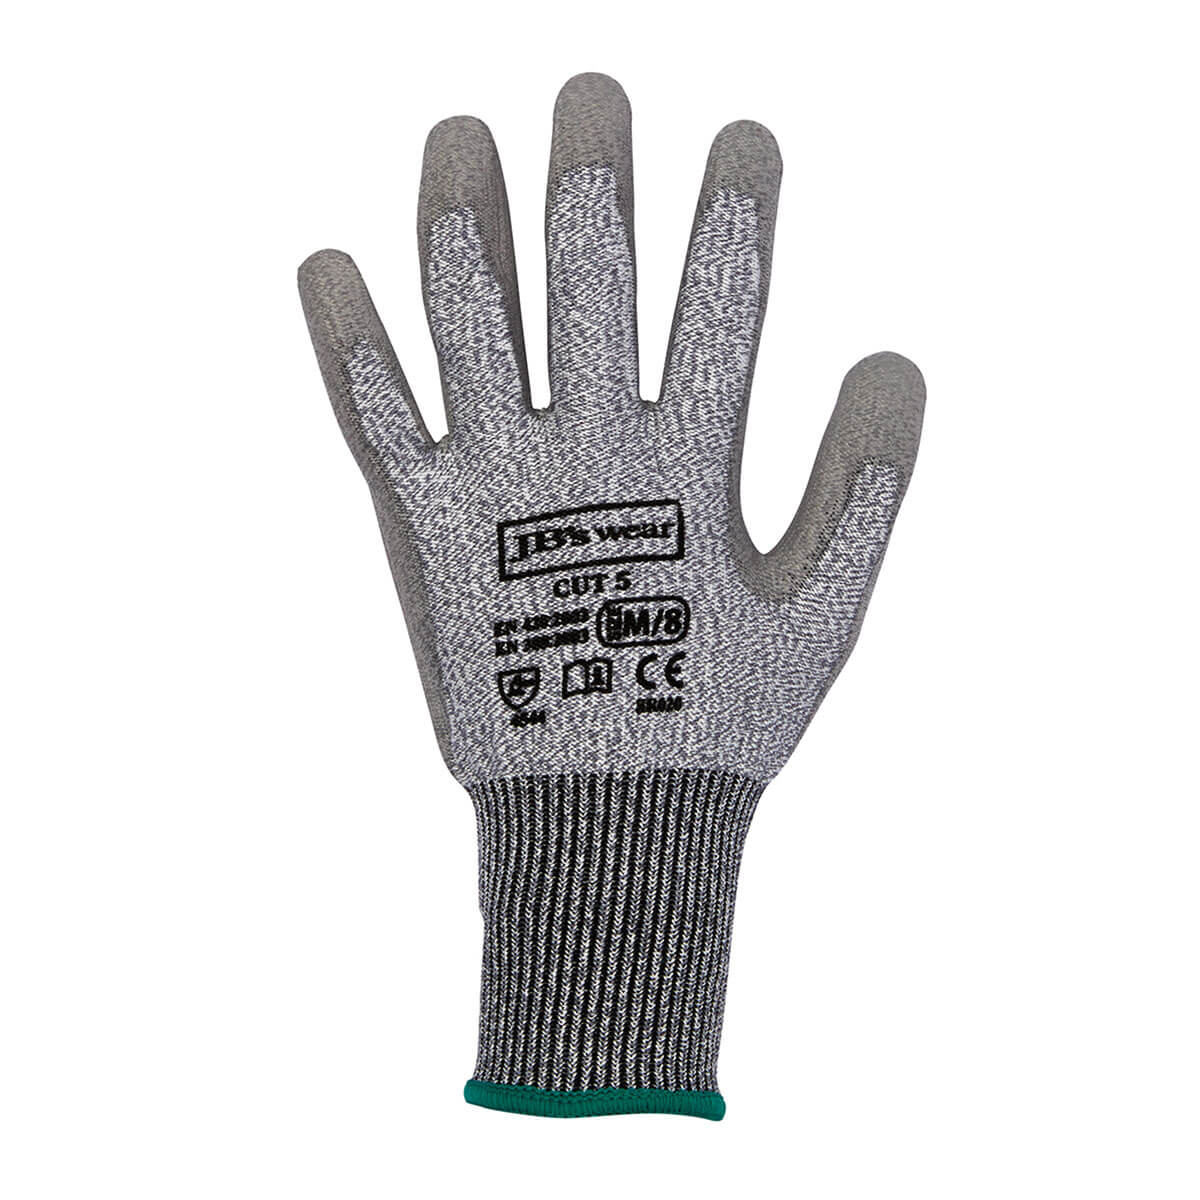 Cut 5 Glove Grey-Grey